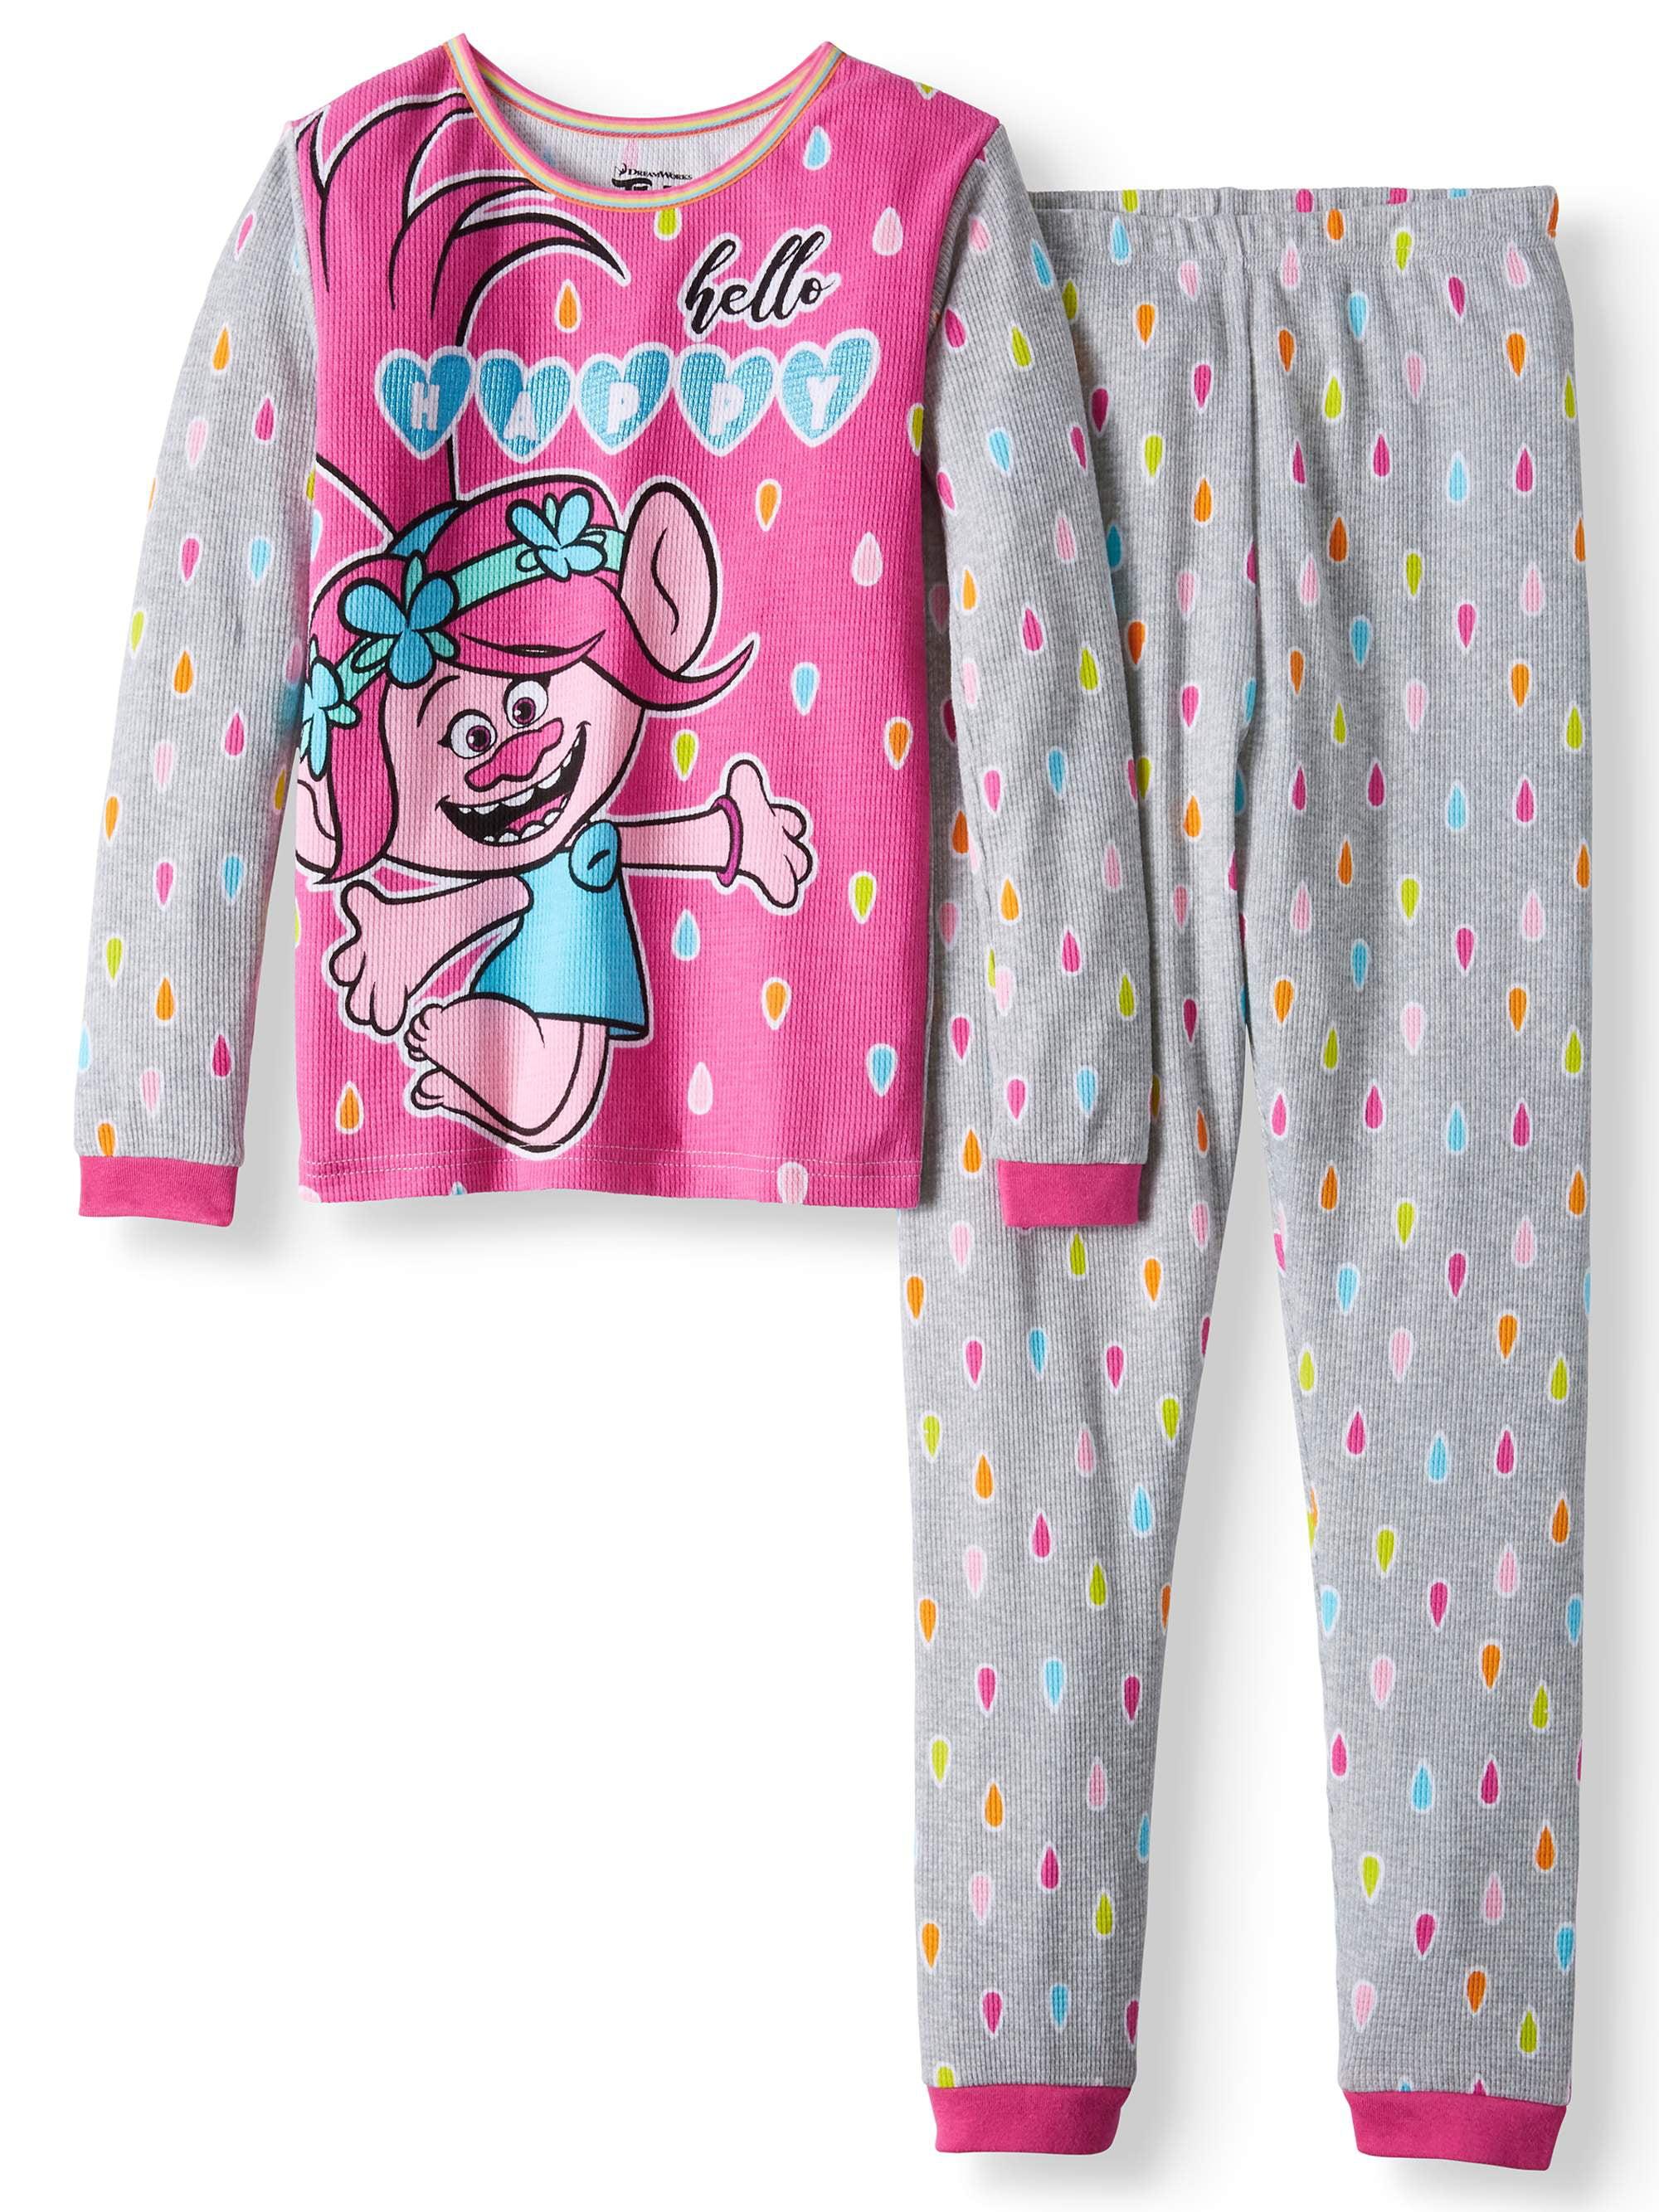 Trolls Girls' thermal 2-Piece underwear set